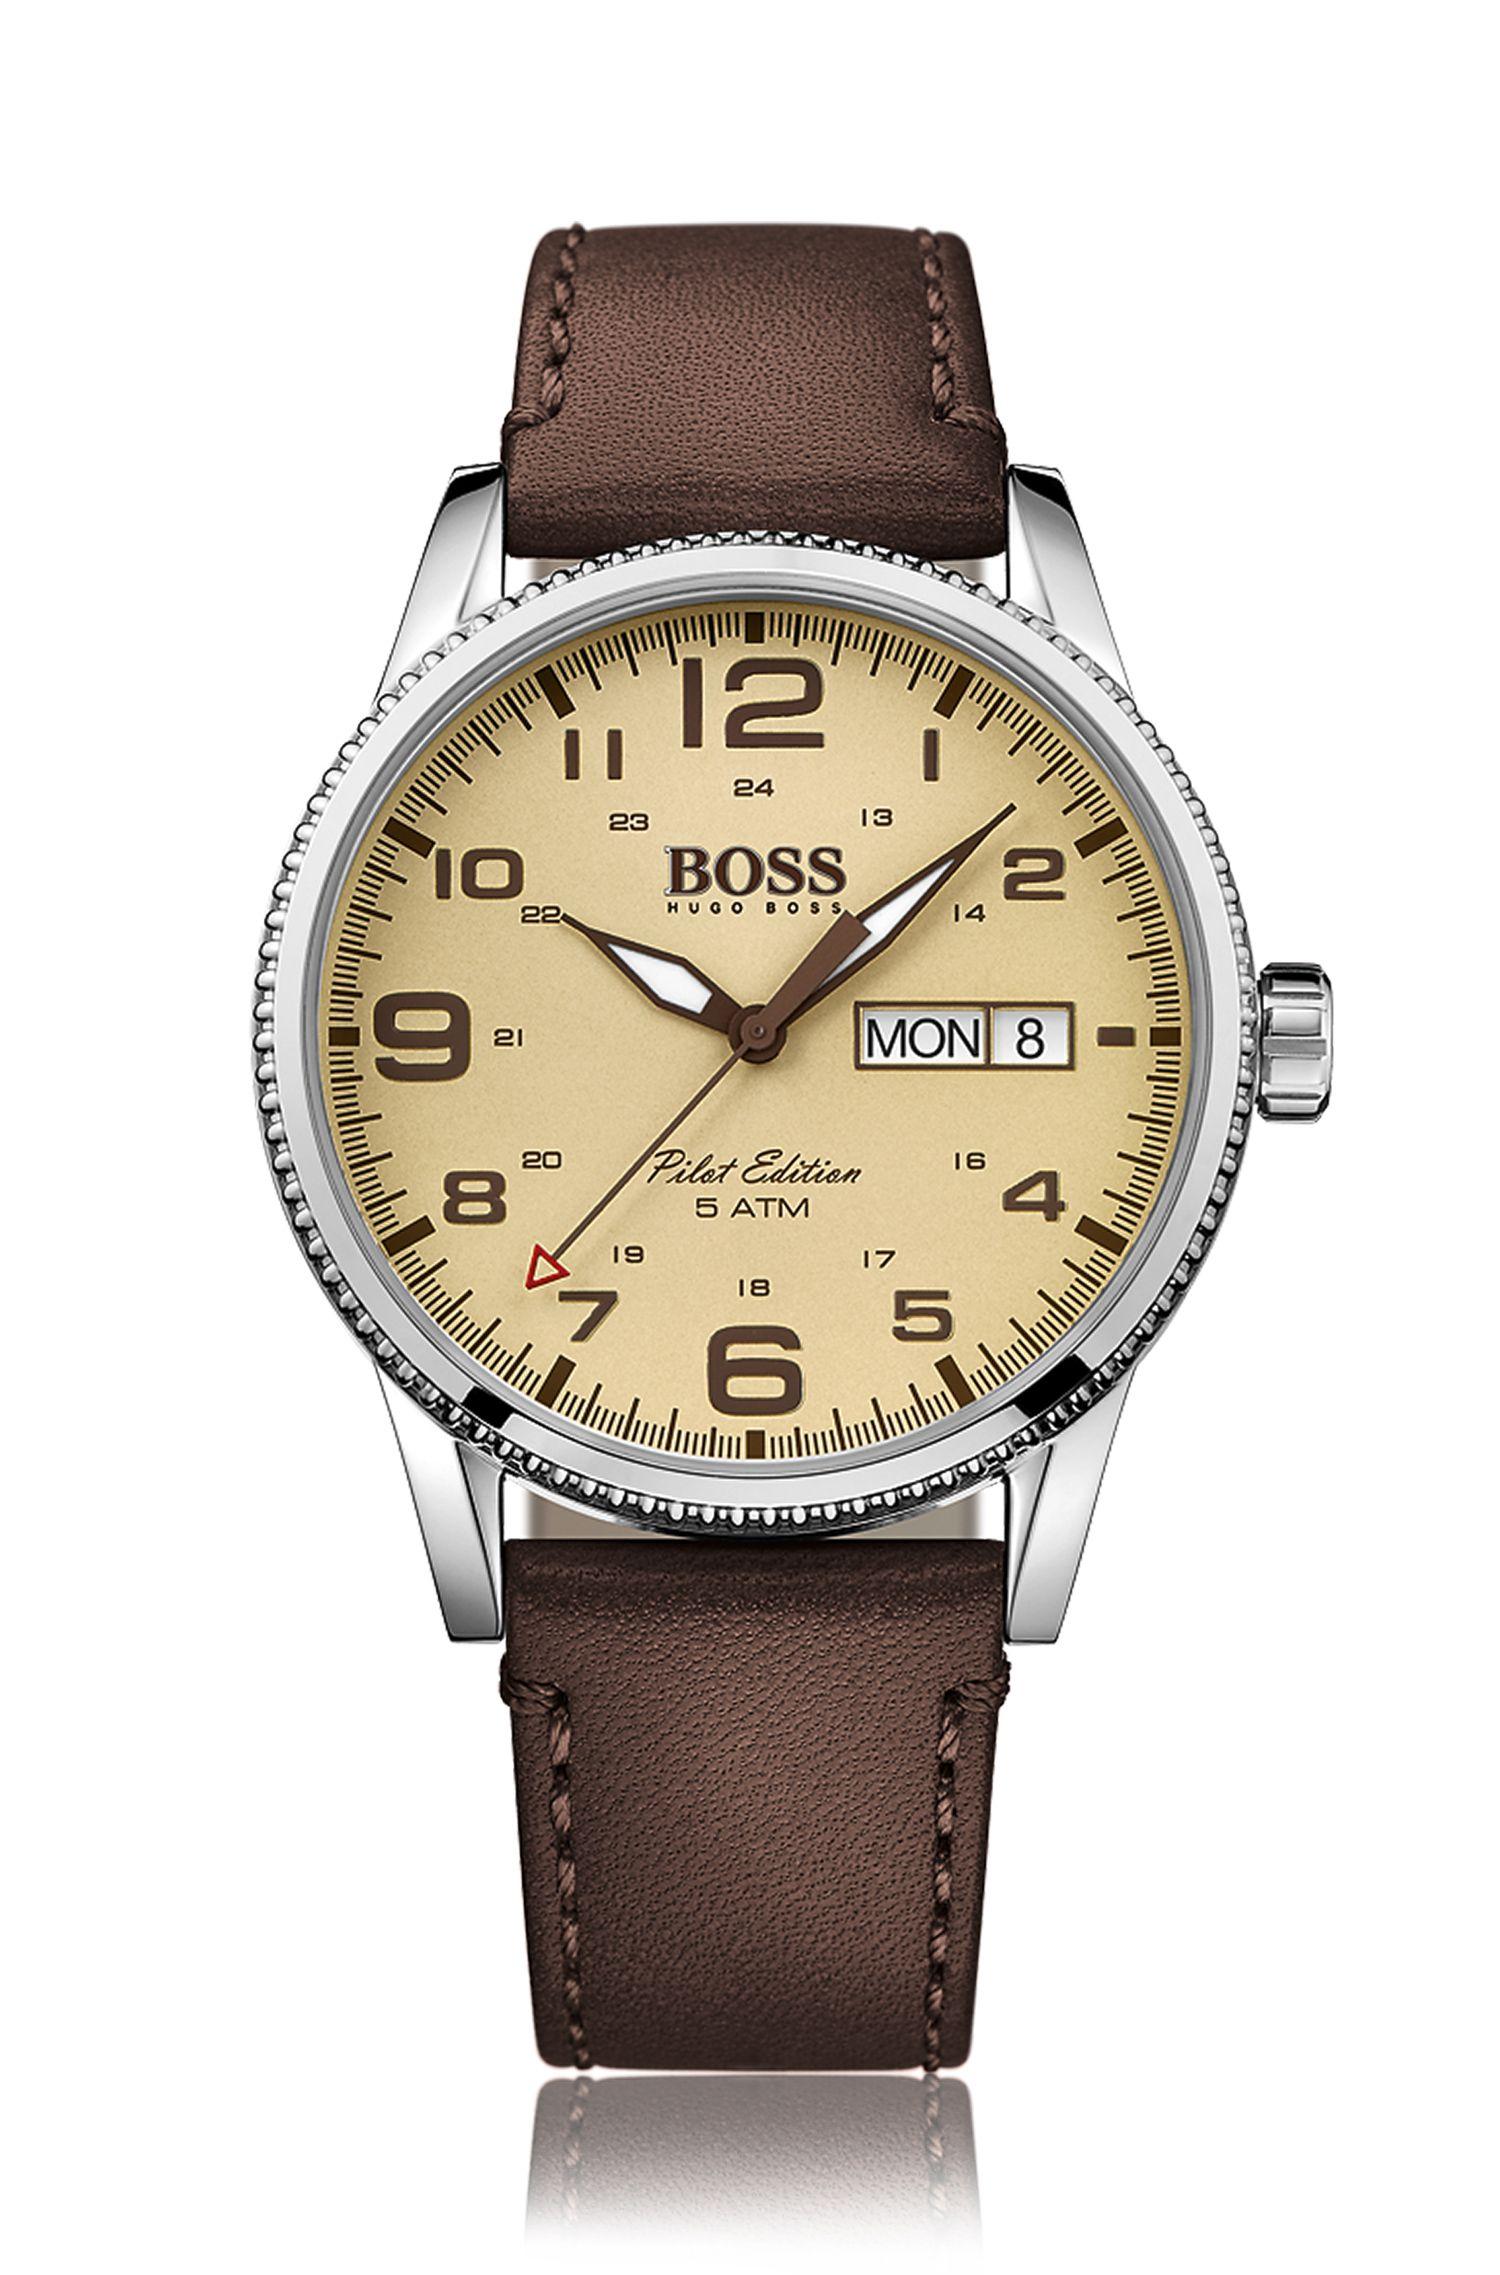 Horloge in piloteneditie, van roestvrij staal met gestructureerde lunette